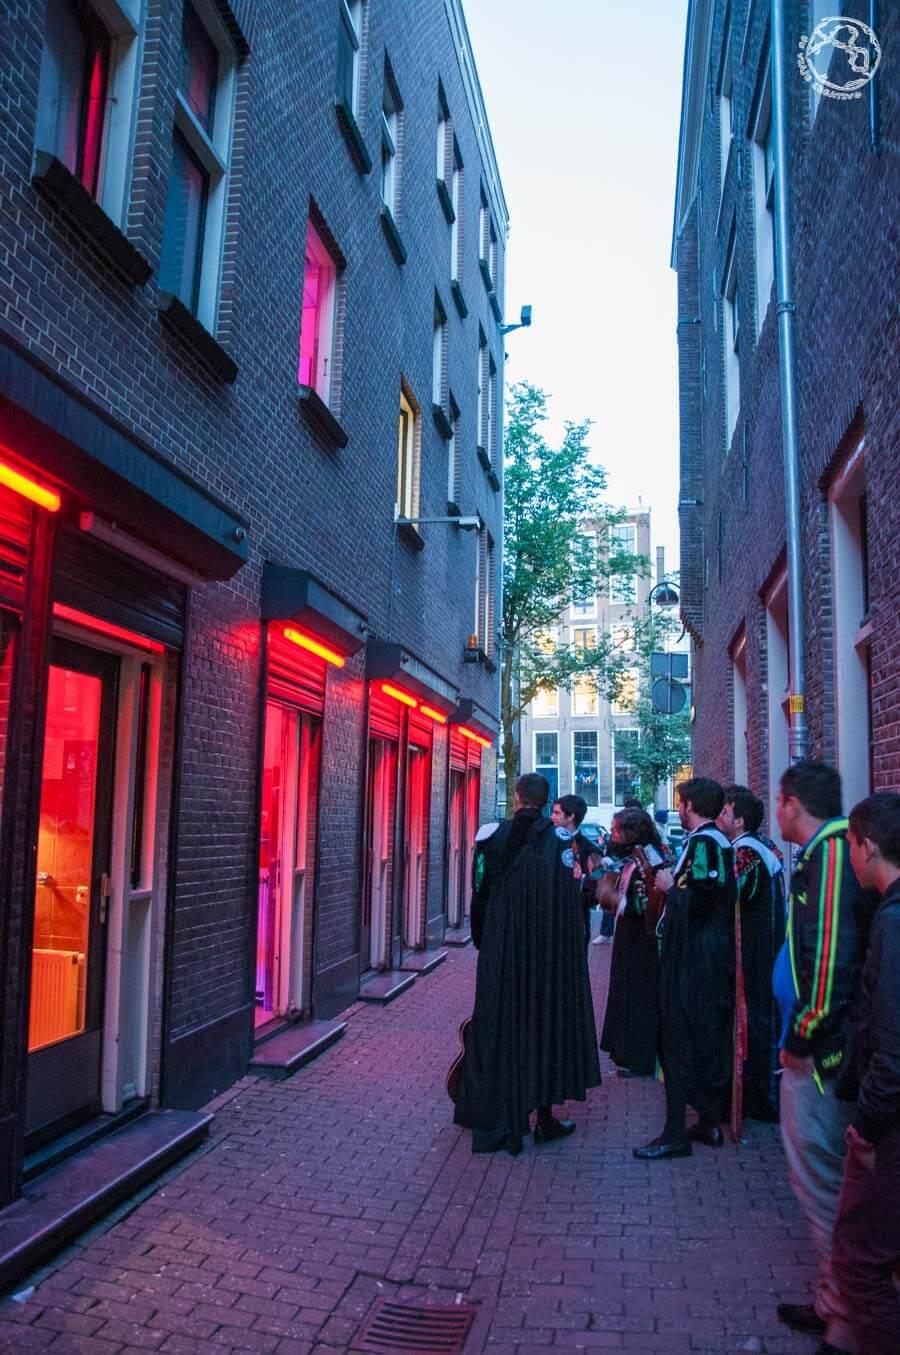 tunos en el Barrio Rojo de Amsterdam